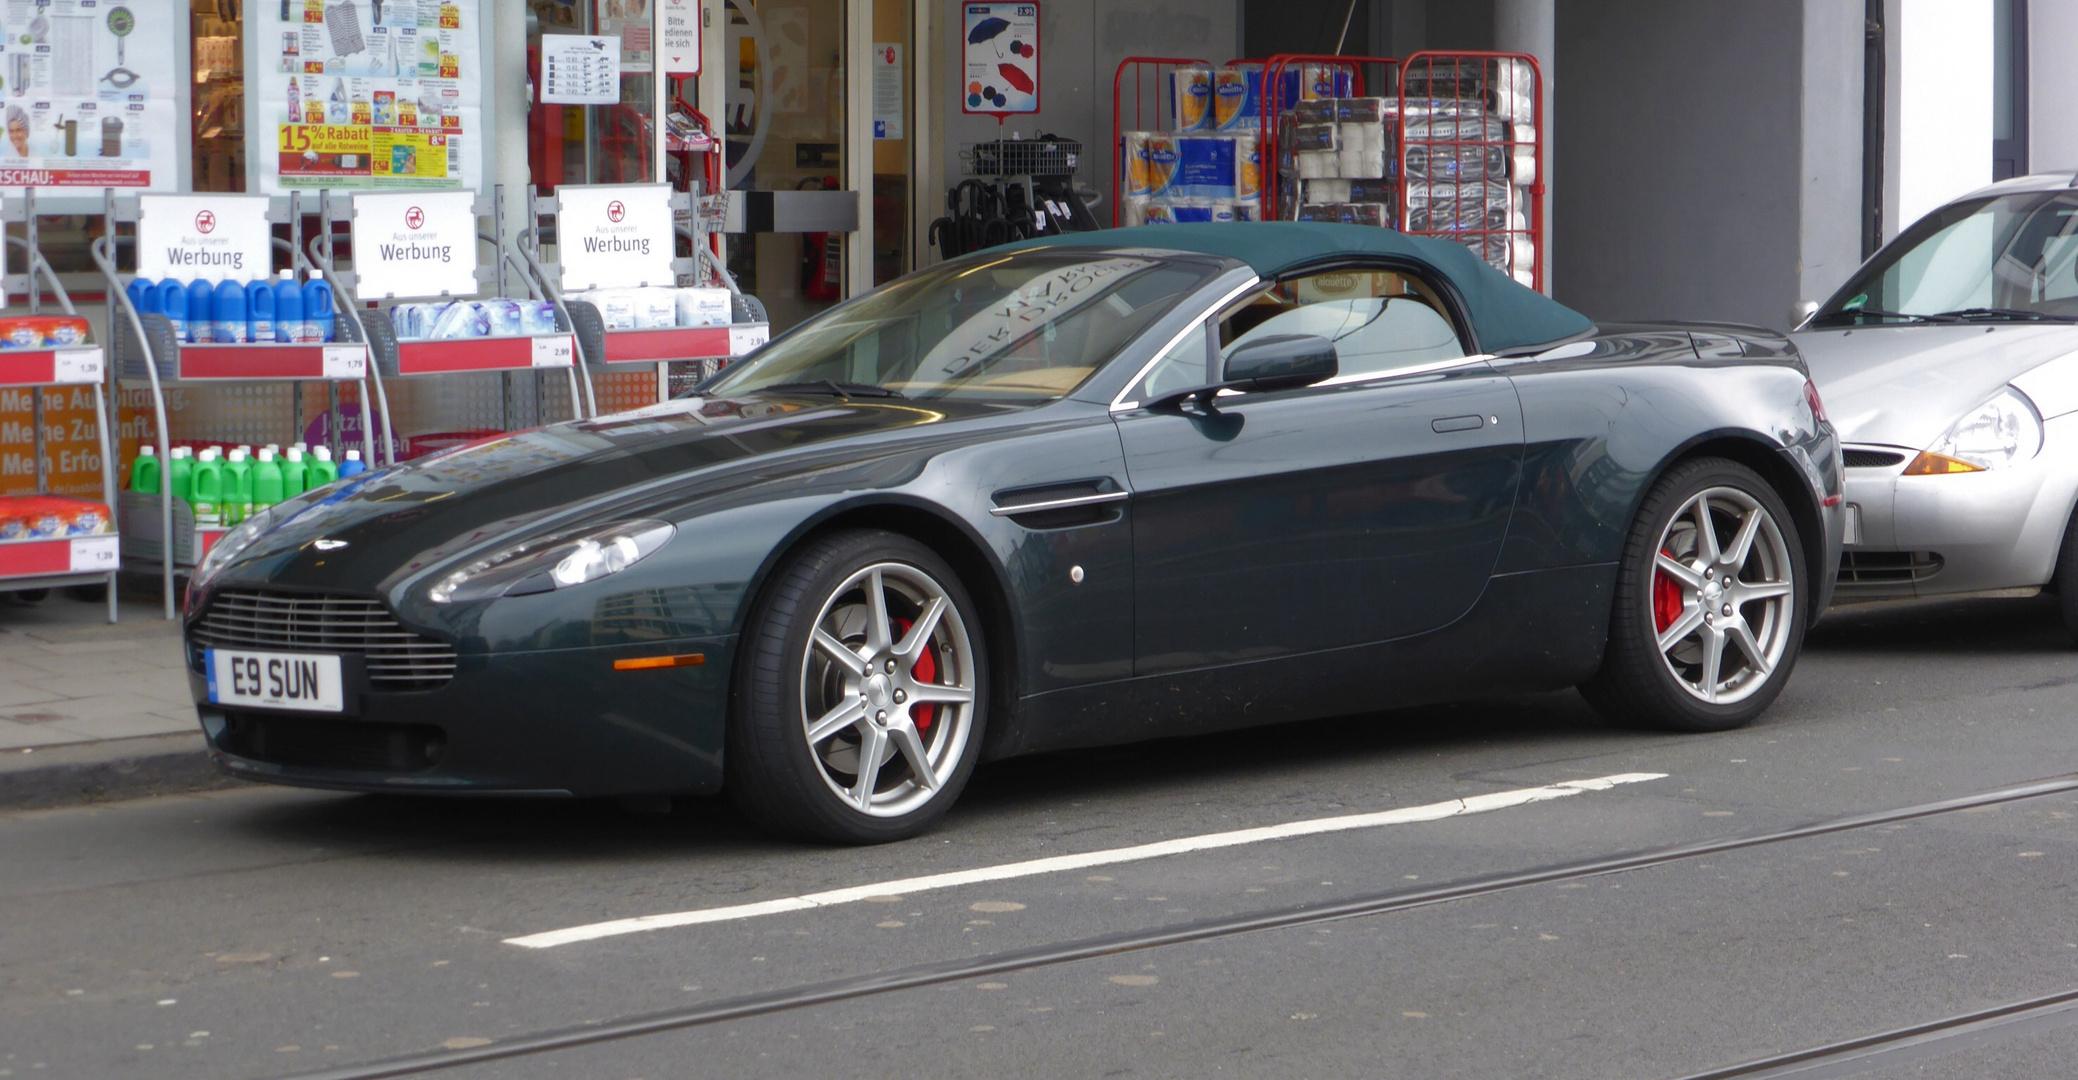 Aston Martin V8 Vantage 2005 2008 Roadster Foto Bild Autos Zweiräder Sportwagen Verkehr Fahrzeuge Bilder Auf Fotocommunity